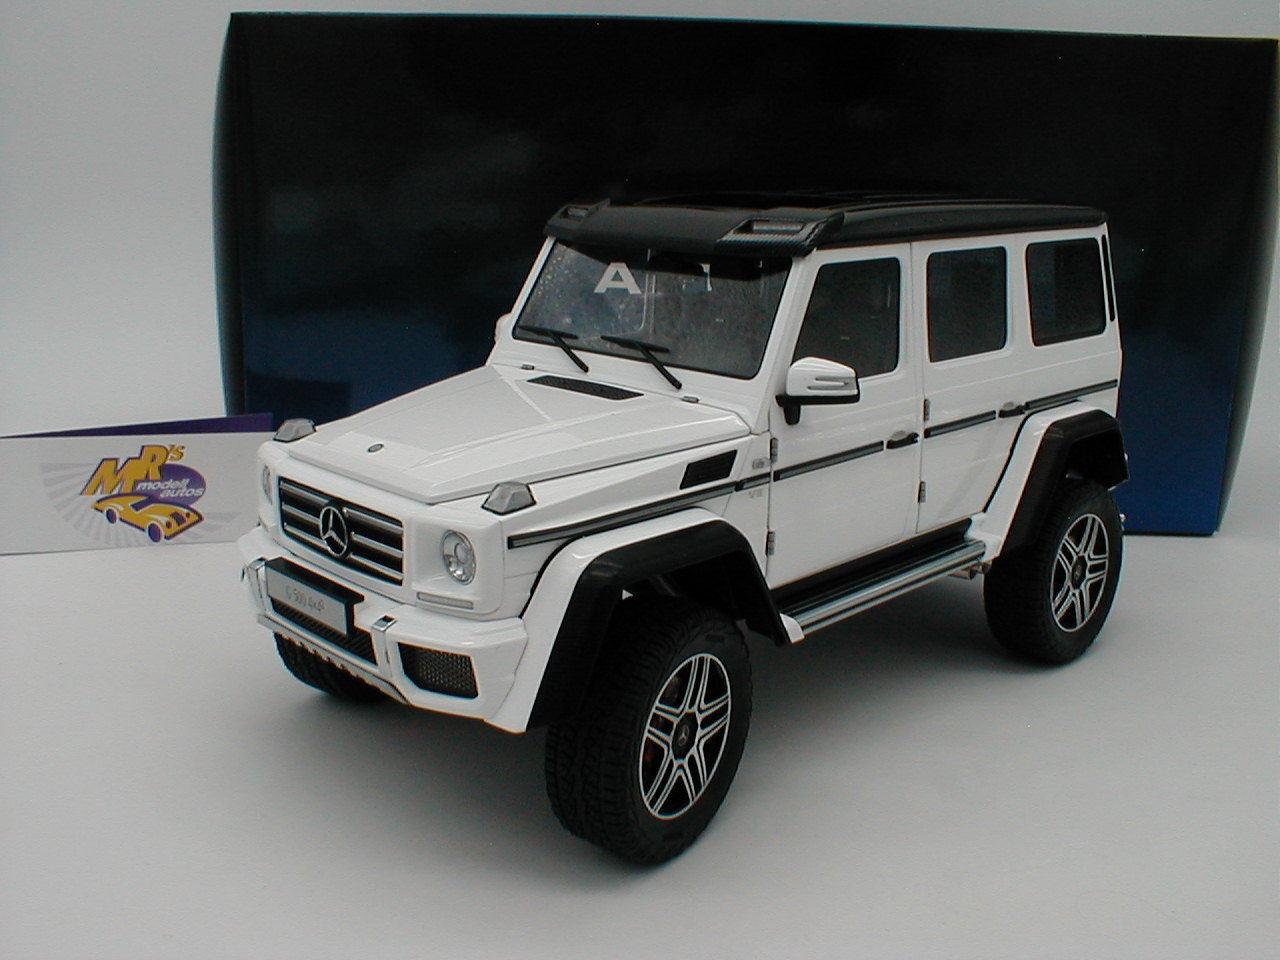 Autoart 76316-Mercedes-Benz g500 4x4² año de fabricación 2015  blancoo-brillante  1 18 nuevo